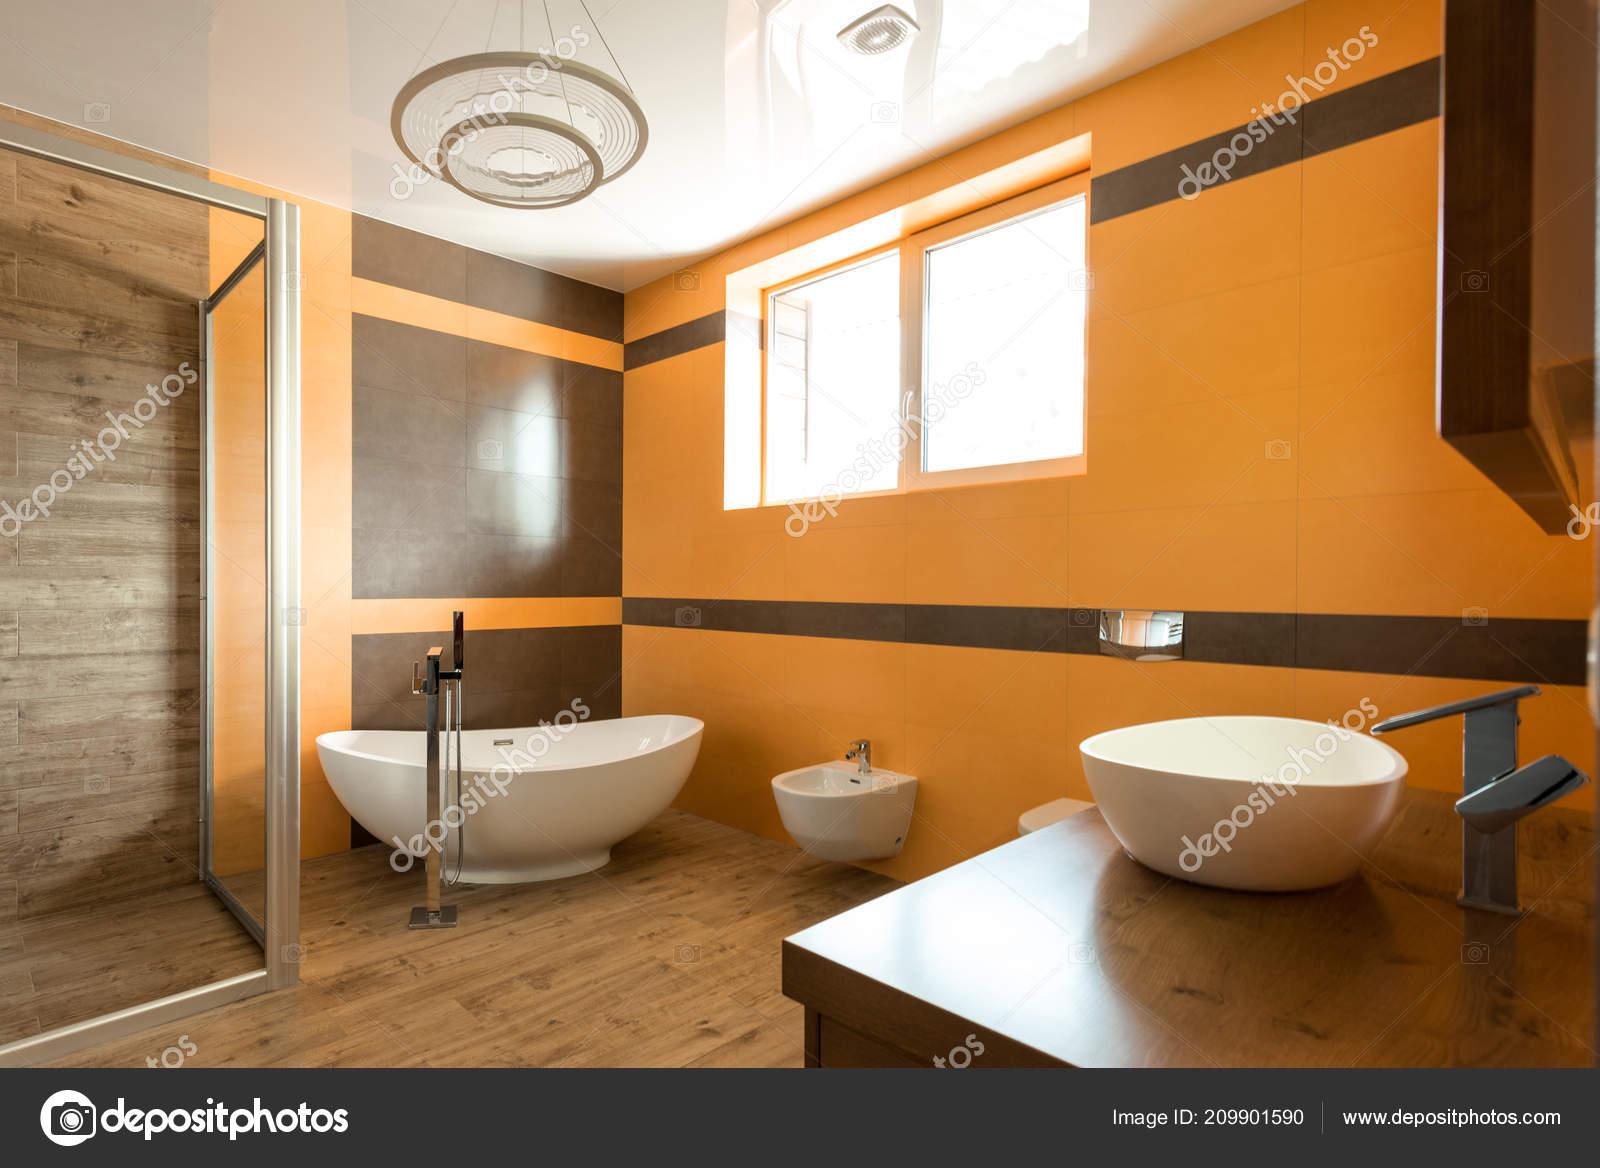 Interieur Van Badkamer Oranje Witte Kleuren Met Bad Wastafel Bidet ...